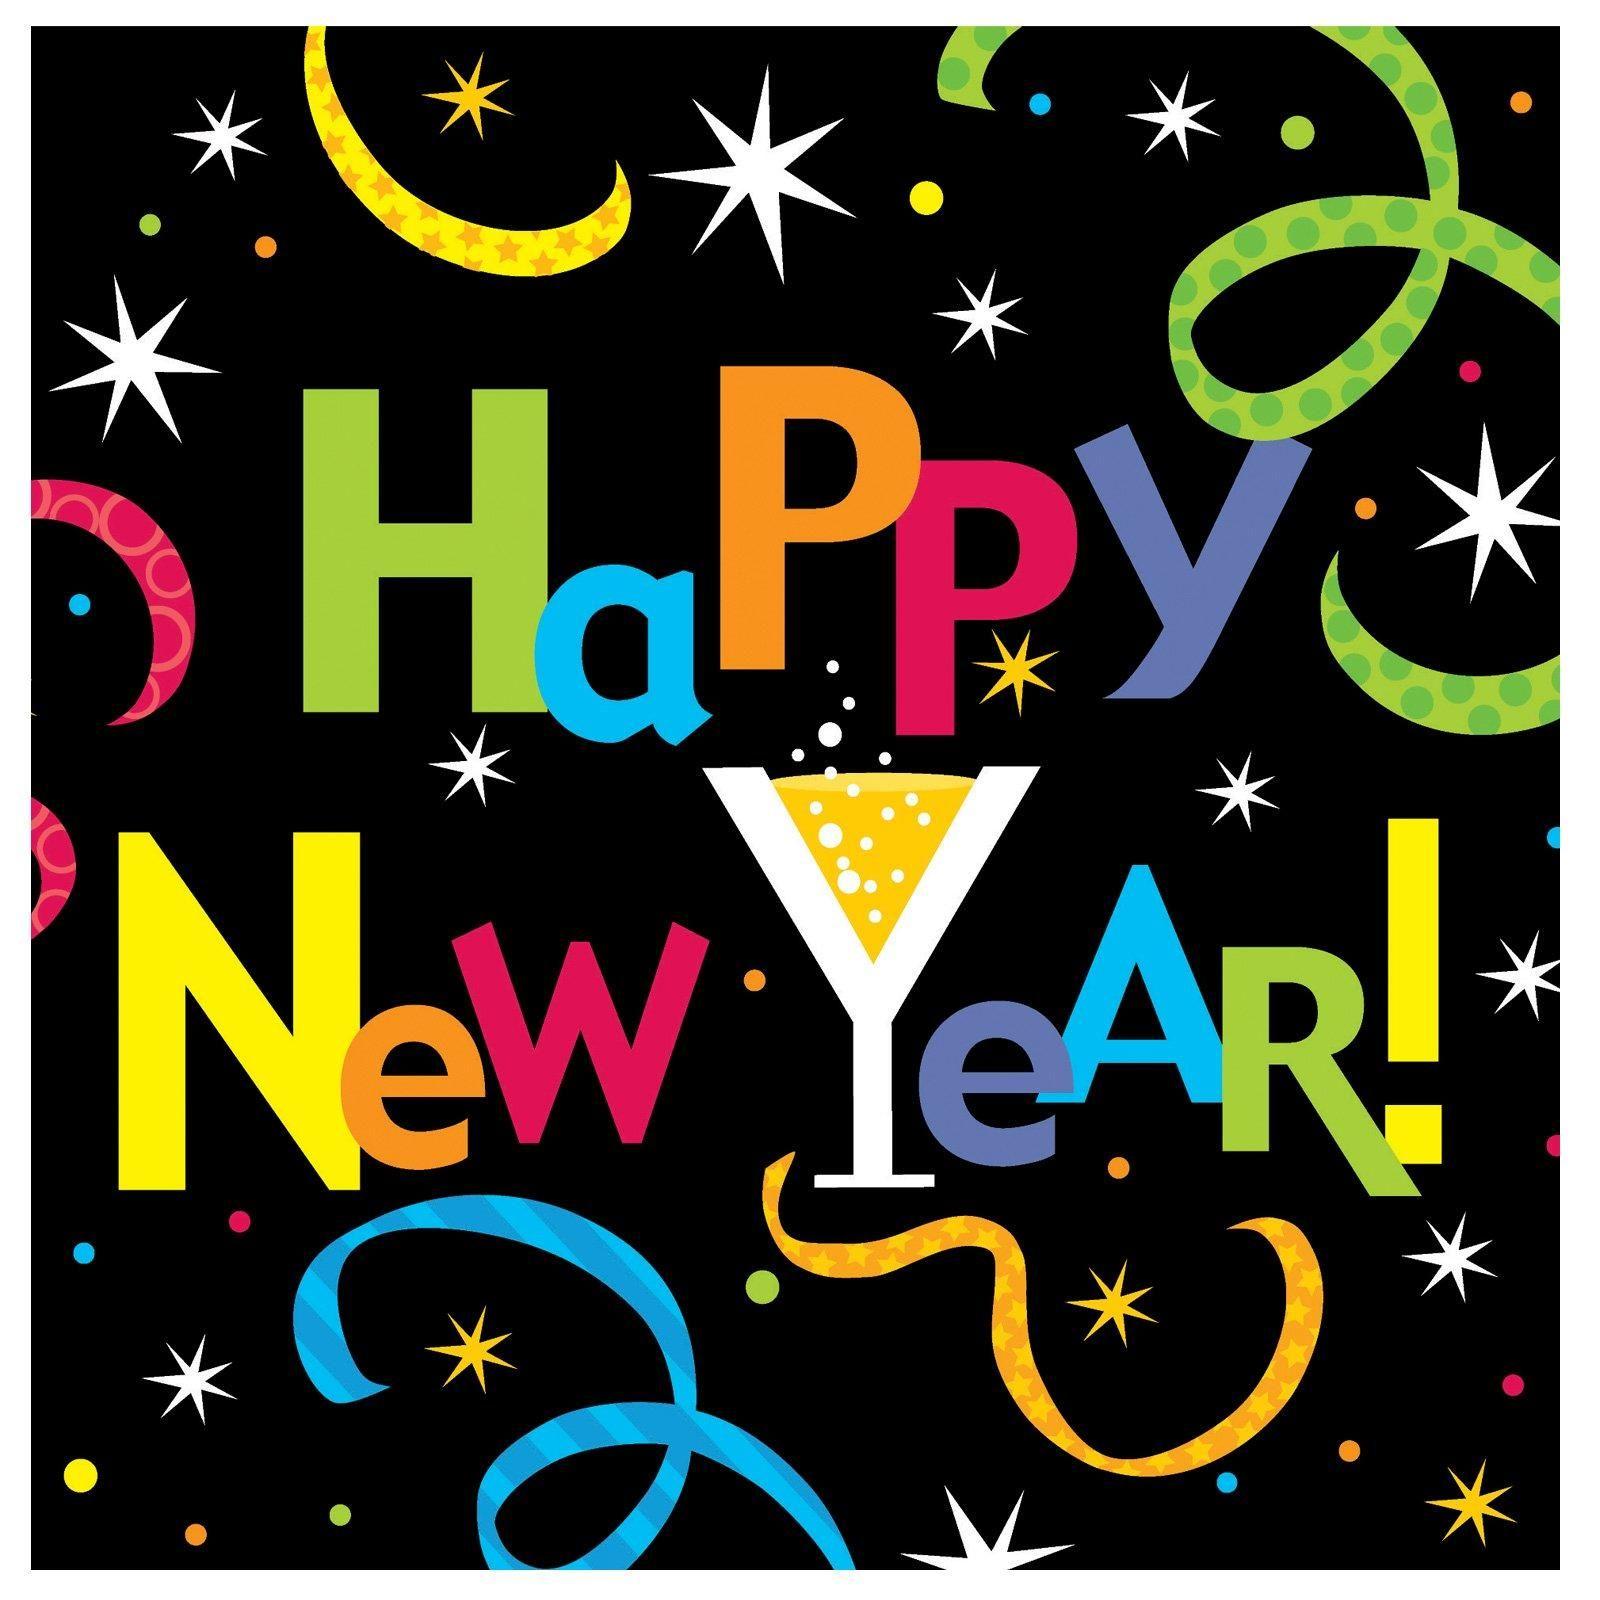 Happy New Year! Gelukkig nieuwjaar, Nieuwjaar, Gelukkig